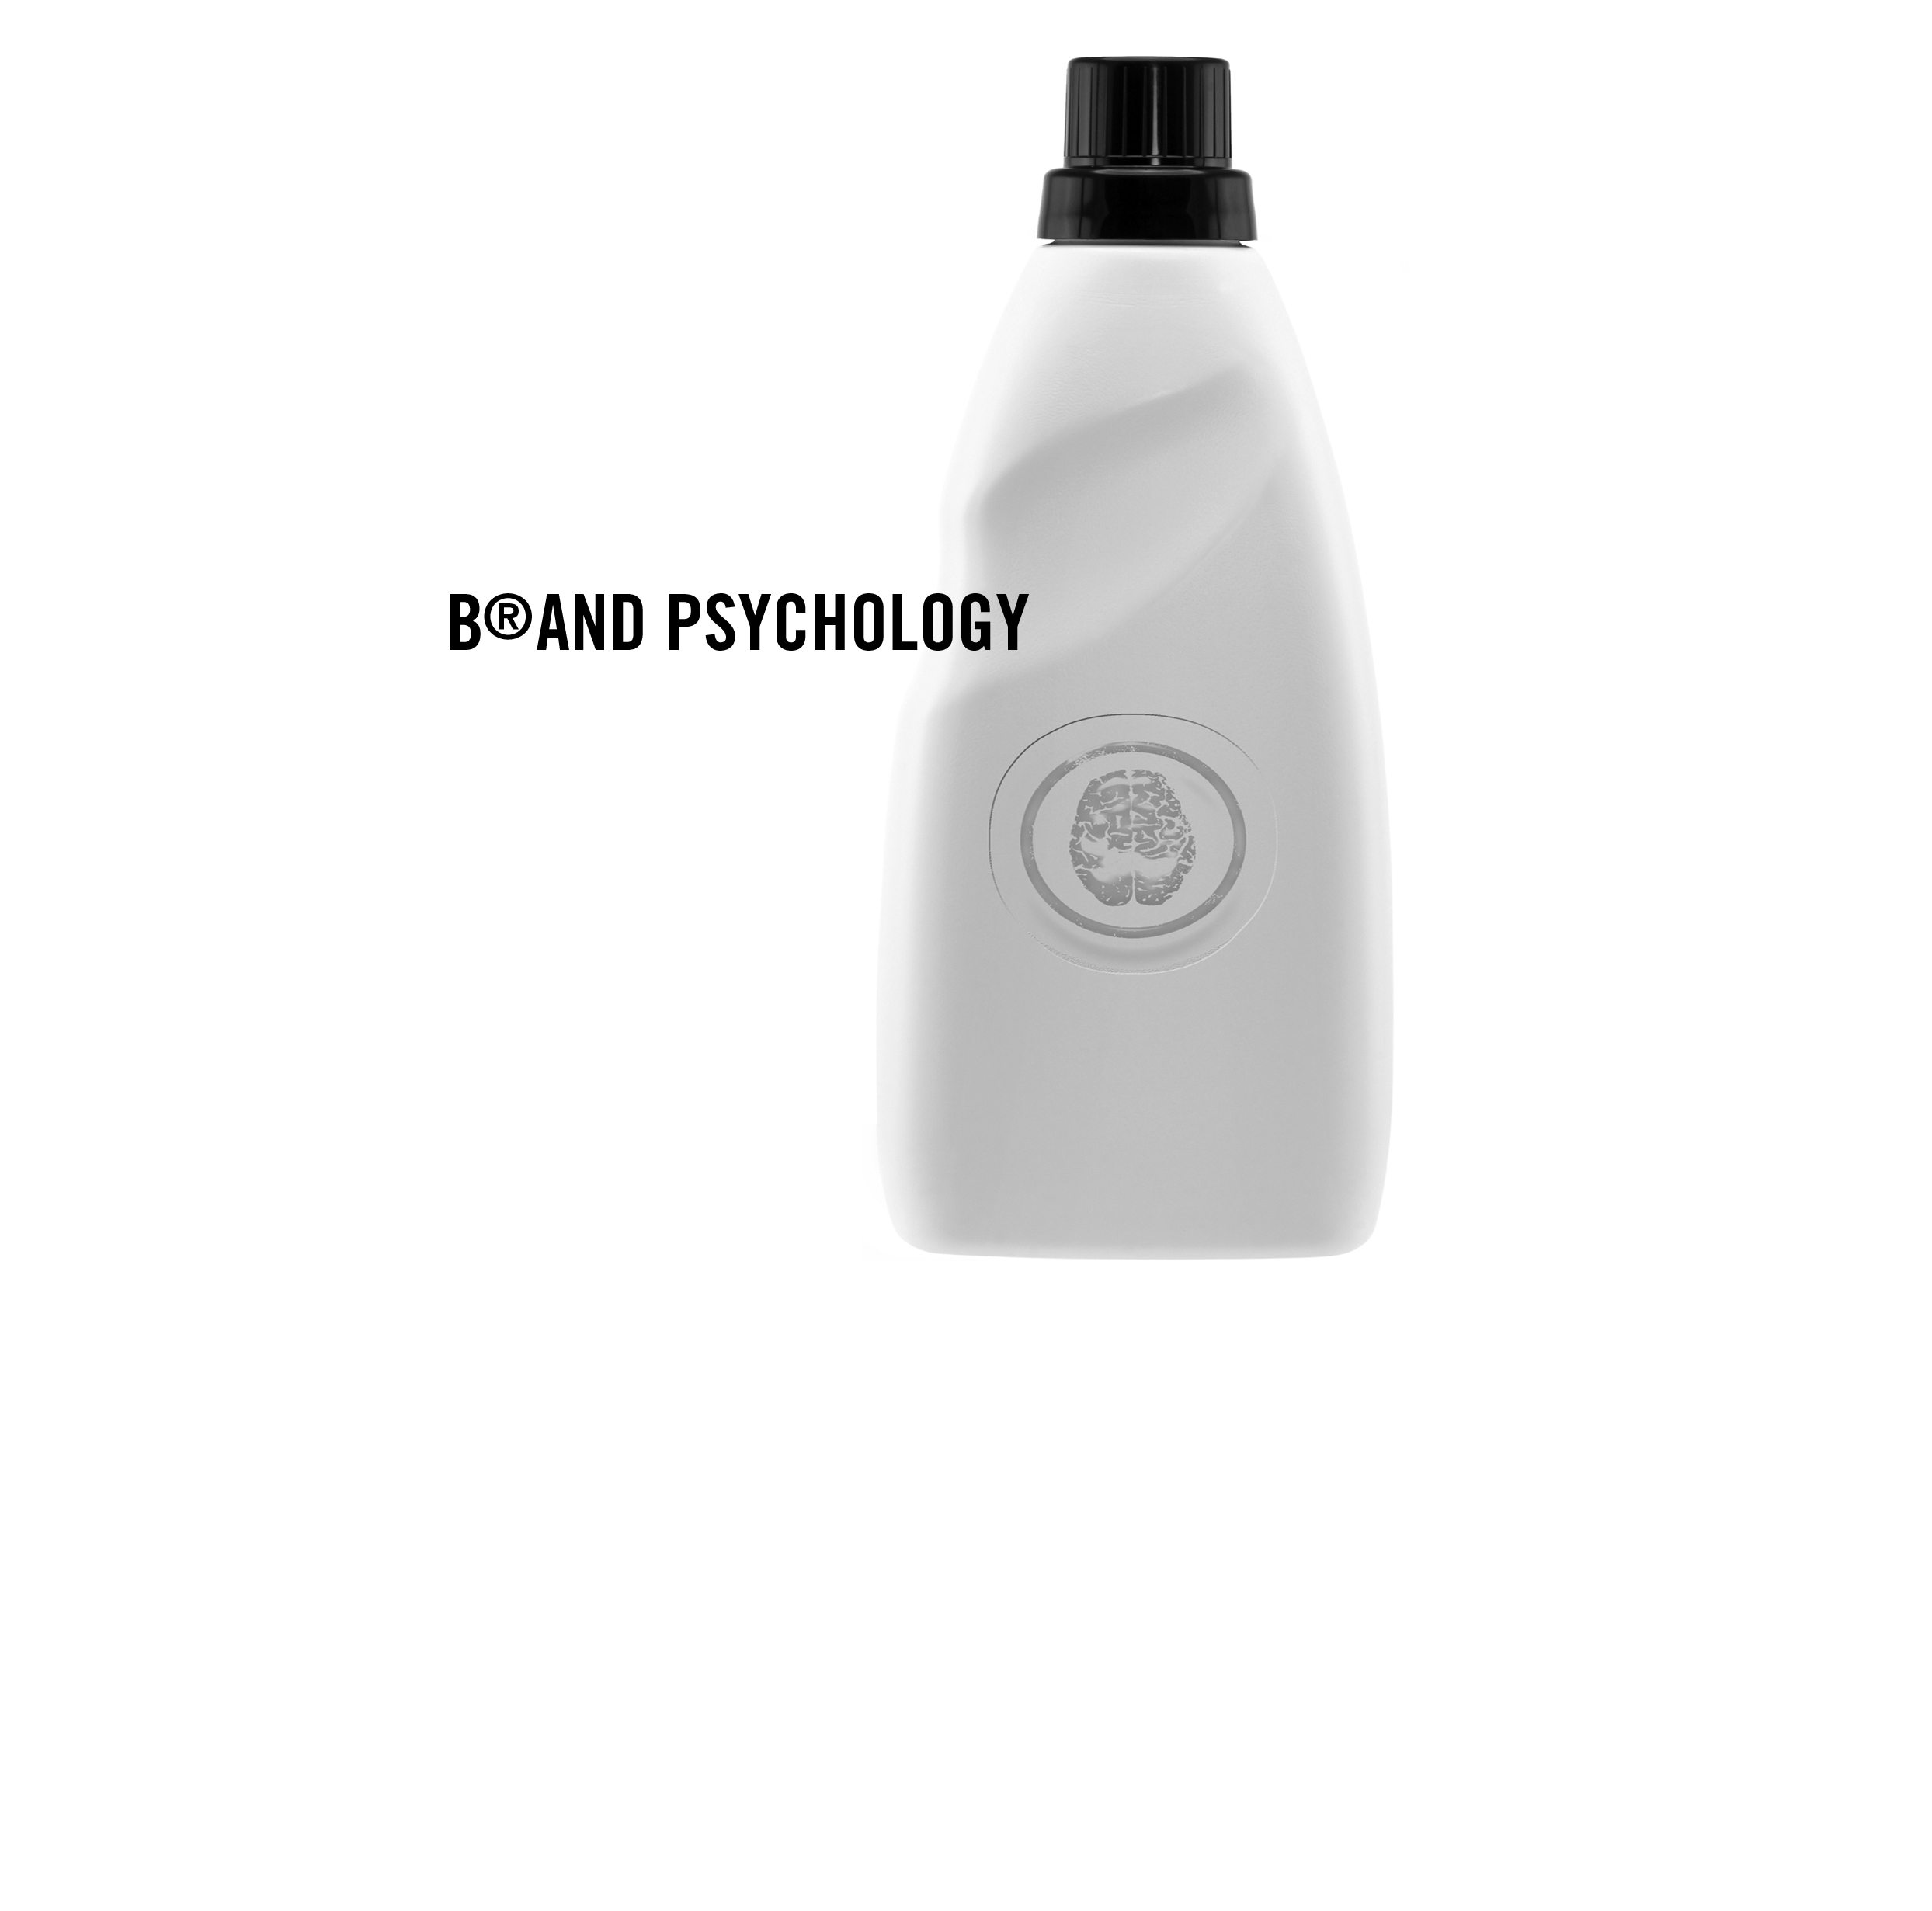 detergent brand psychology.jpg